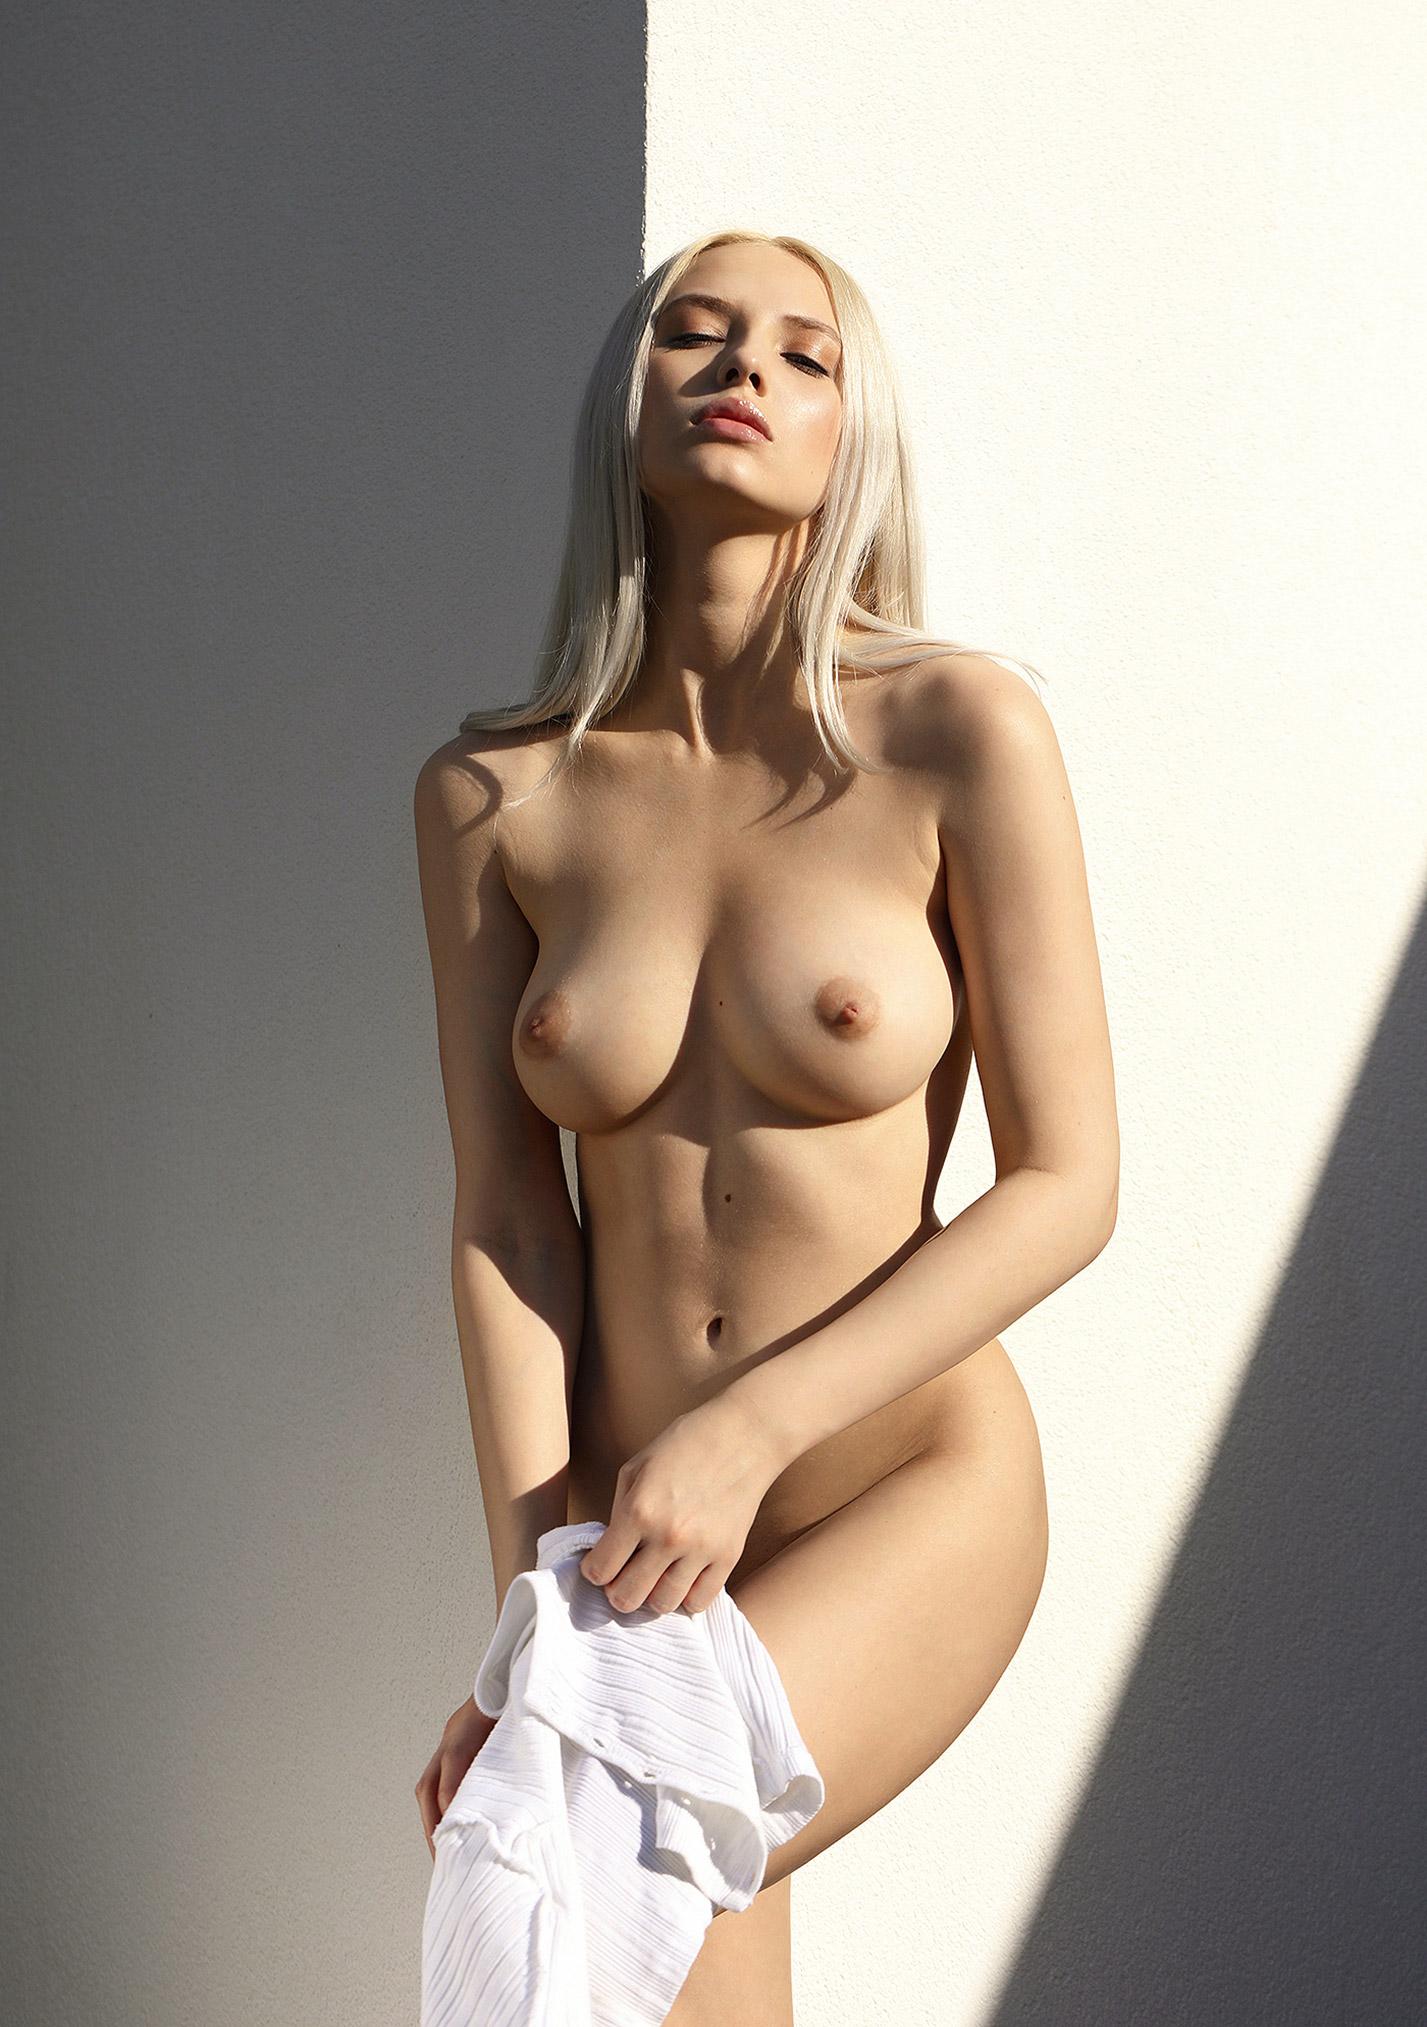 Сексуальная и голая Моника Васп позирует для фотографа журнала Playboy Аны Диас / фото 03